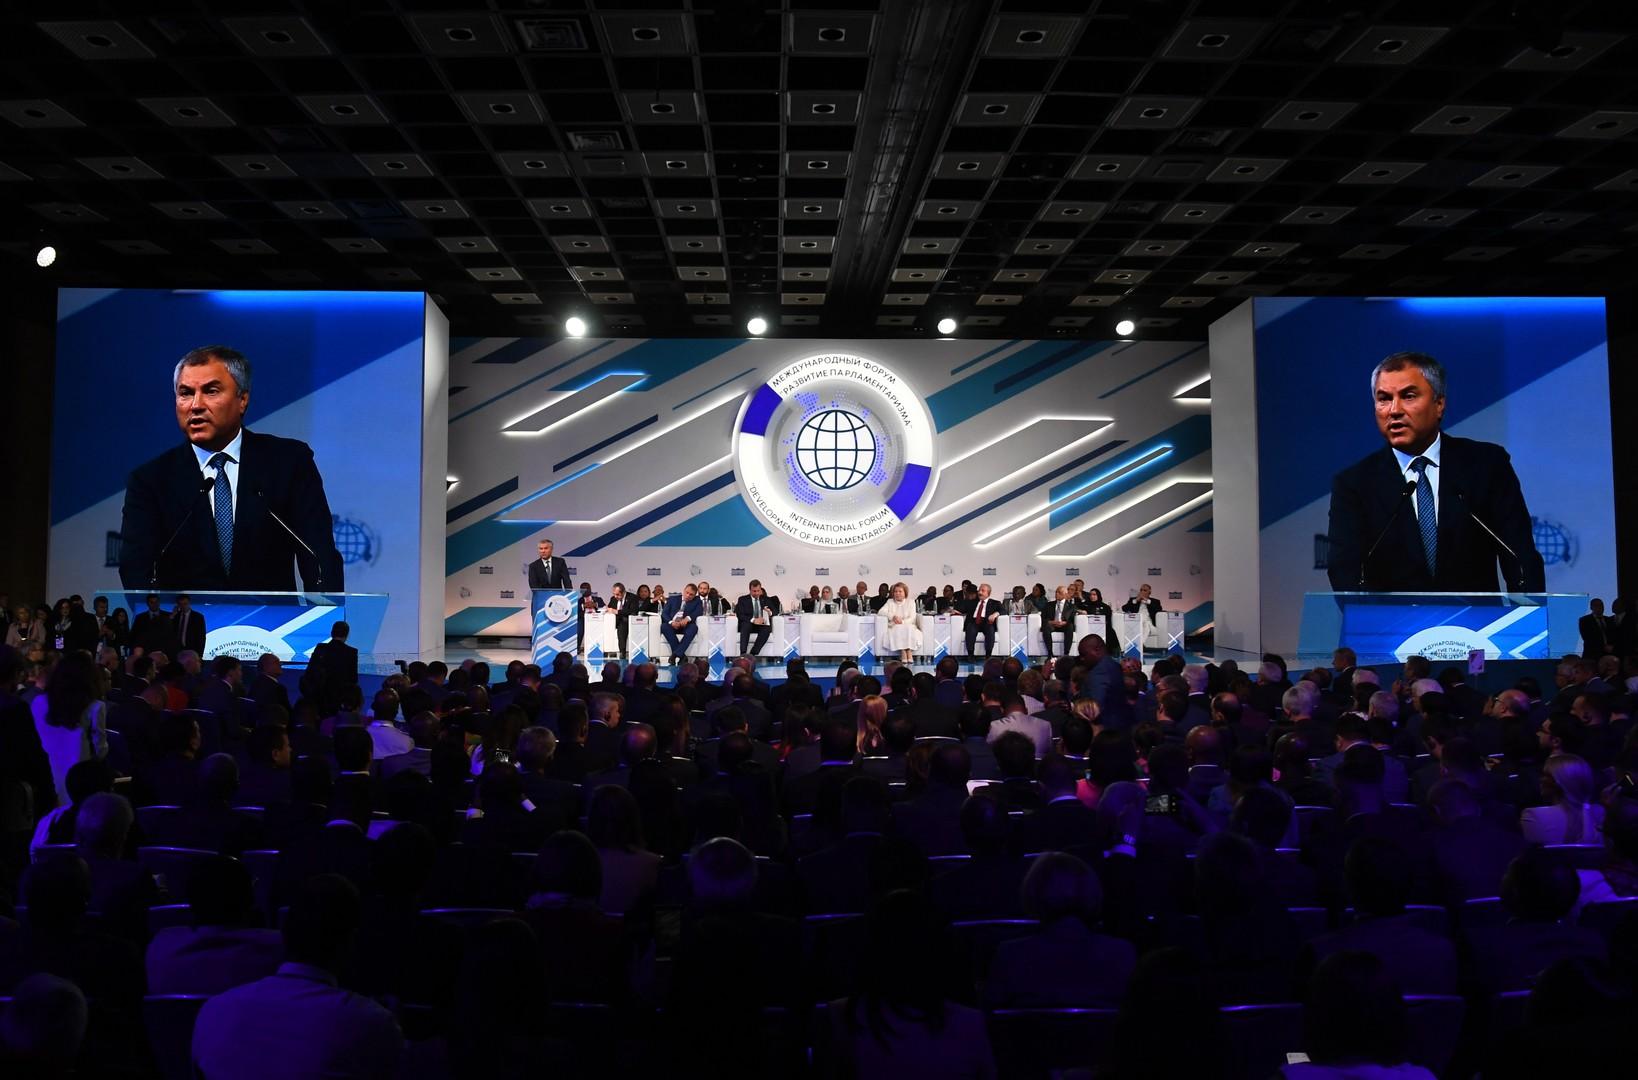 رئيس مجلس الدوما الروسي، فياتشيسلاف فولودين يلقي كلمة في المنتدى الدولي الثاني